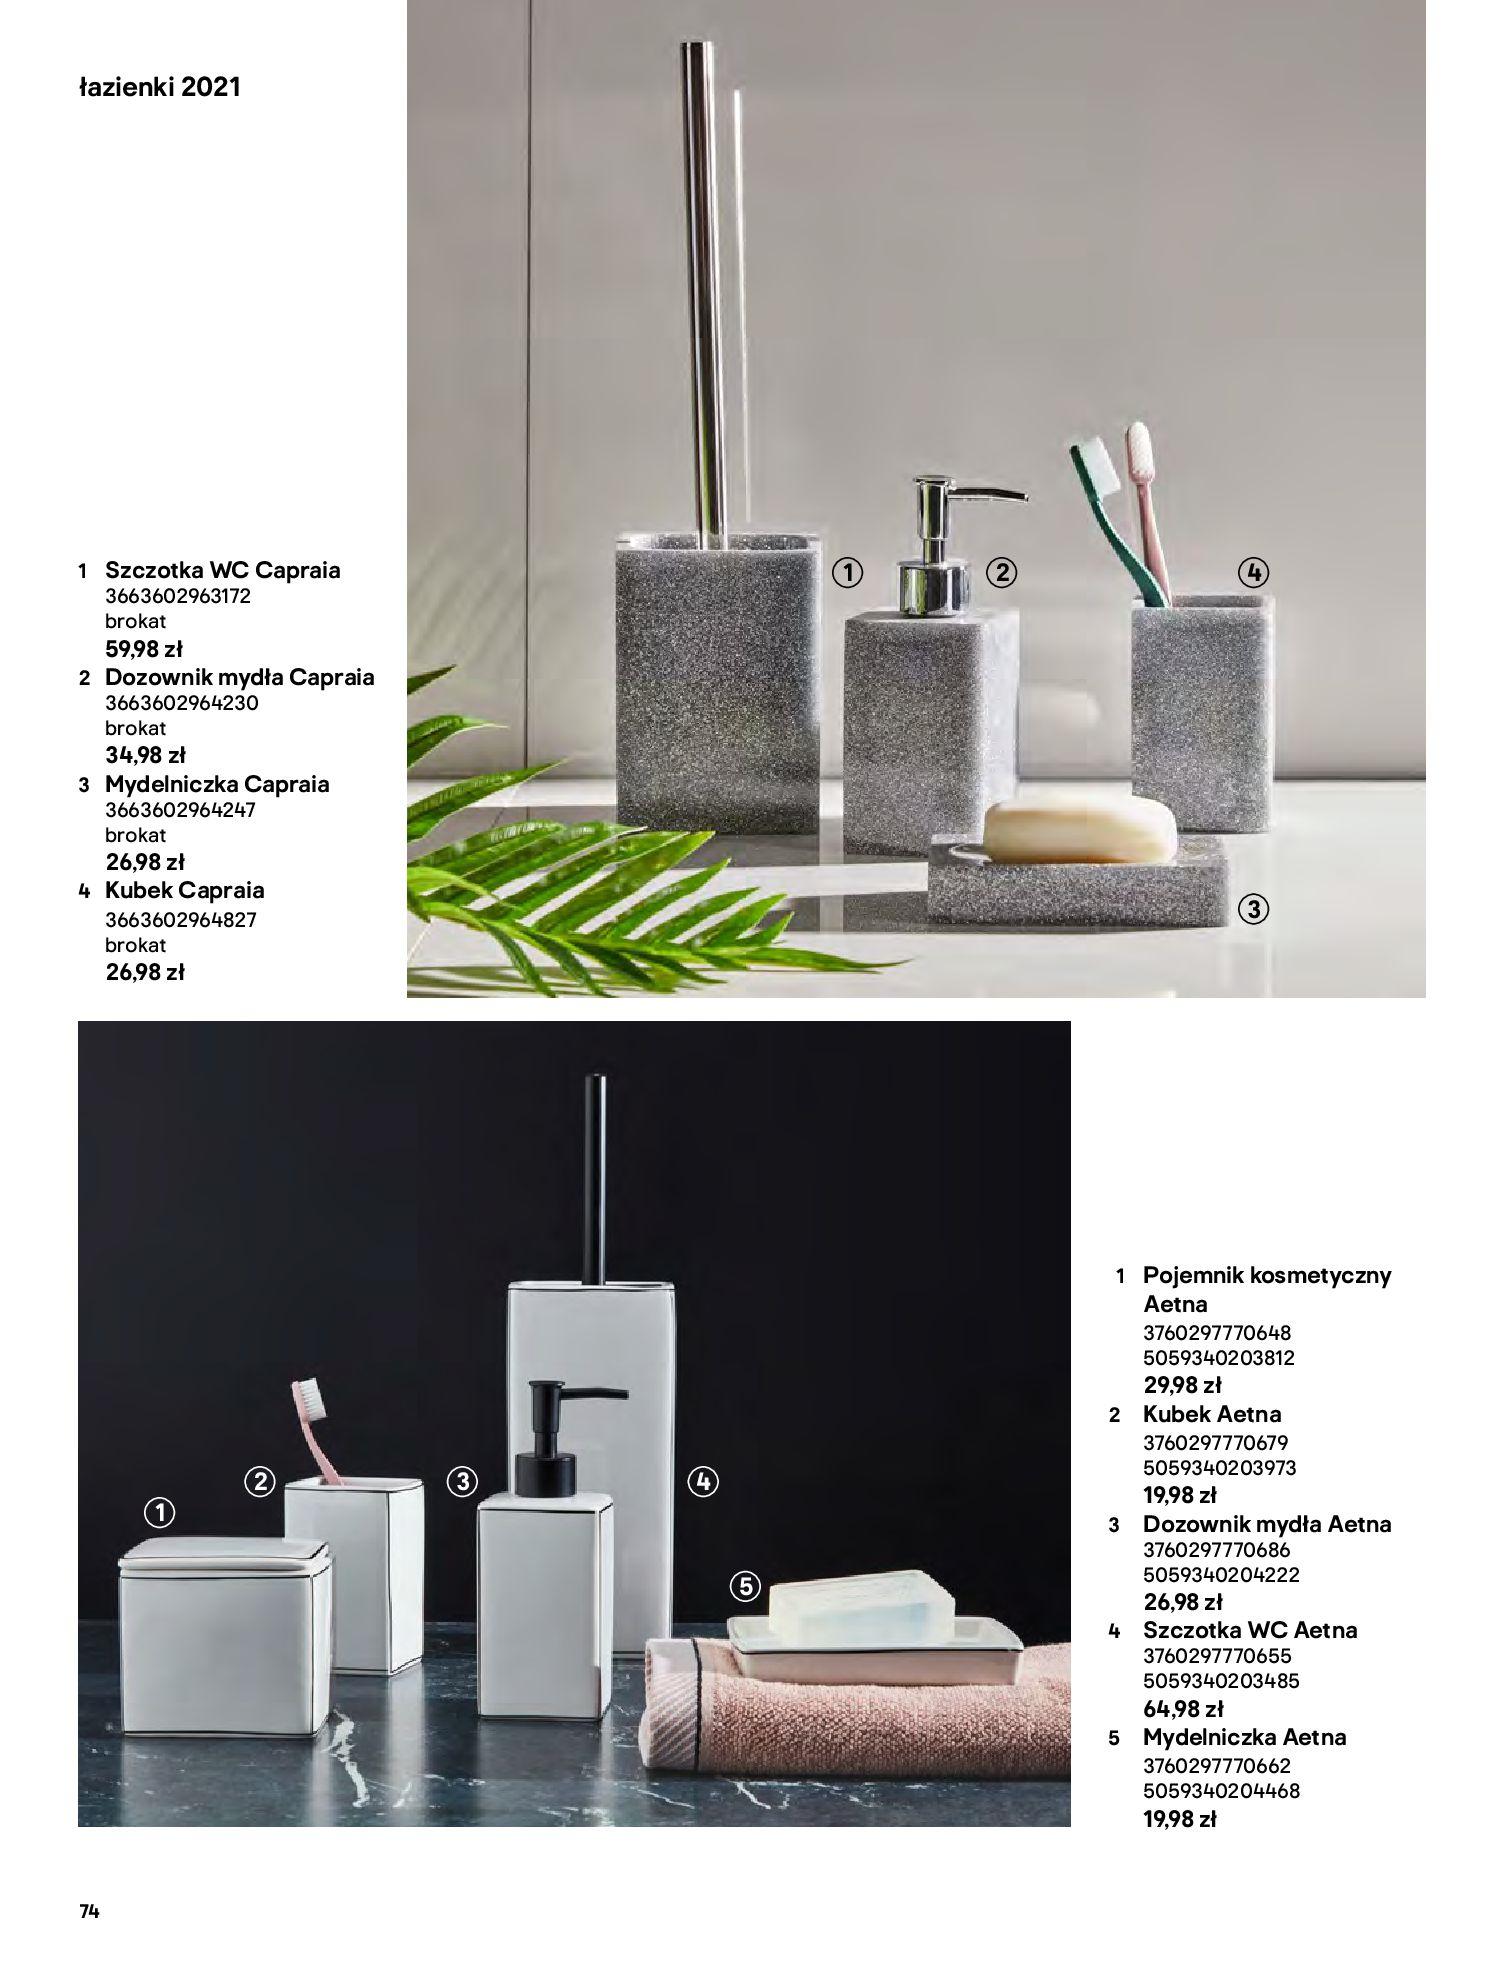 Gazetka Castorama: Gazetka Castorama - katalog łazienki 2021 2021-06-16 page-74